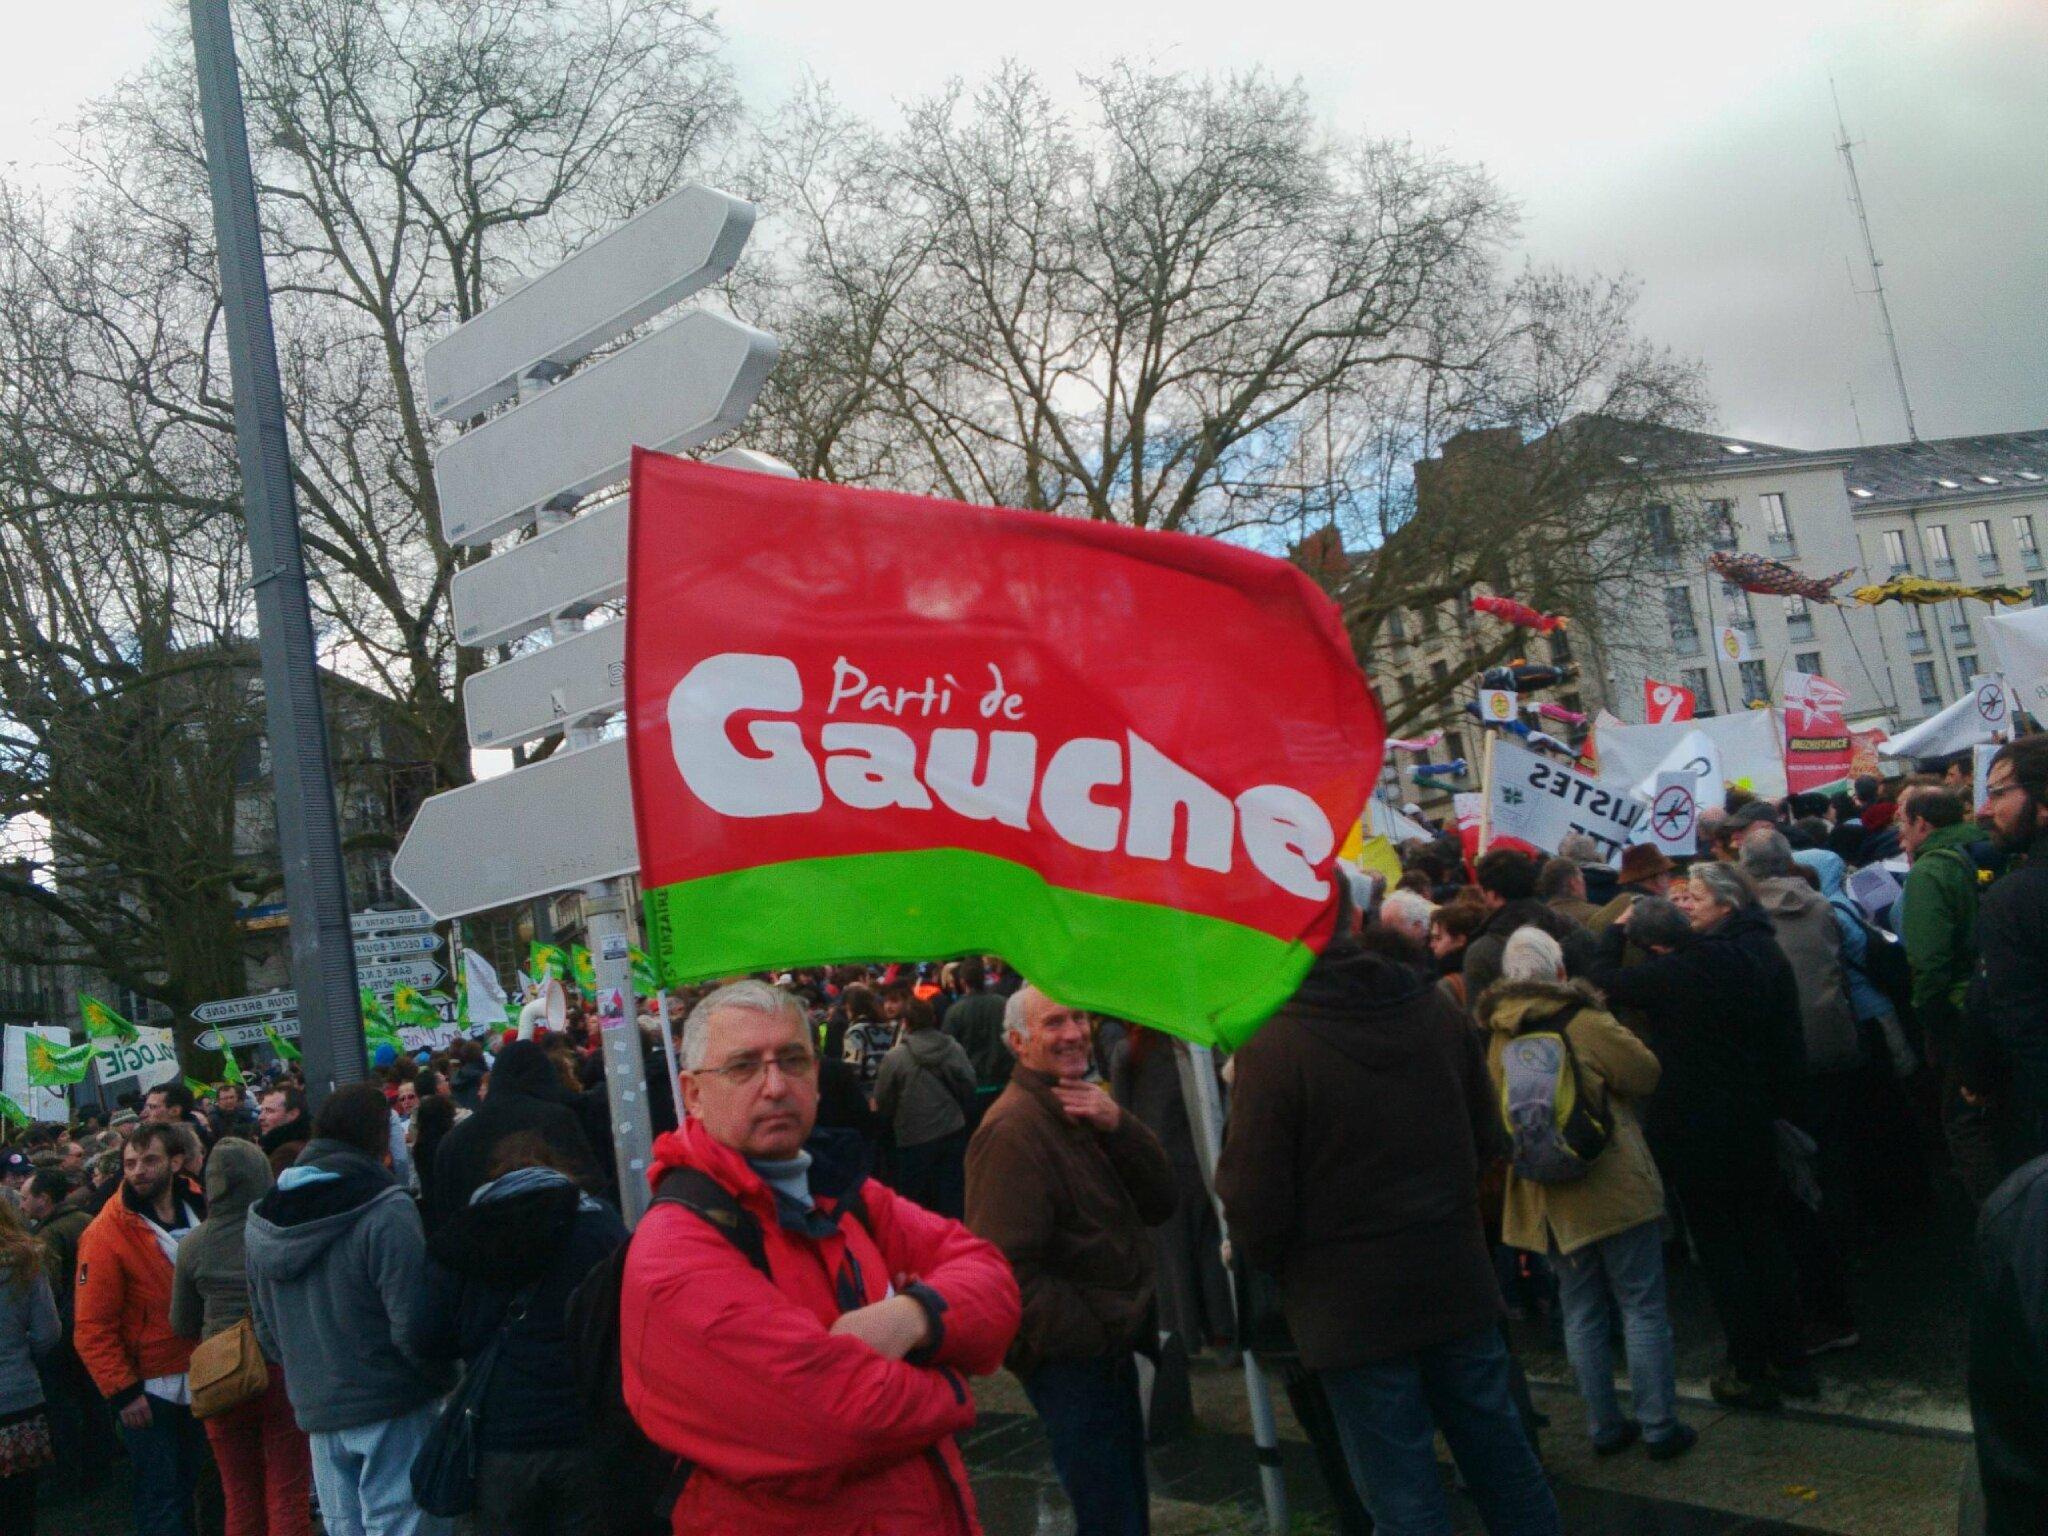 Manif contre NDDL à Nantes (22 février 2014) - cliché ©PG80 -